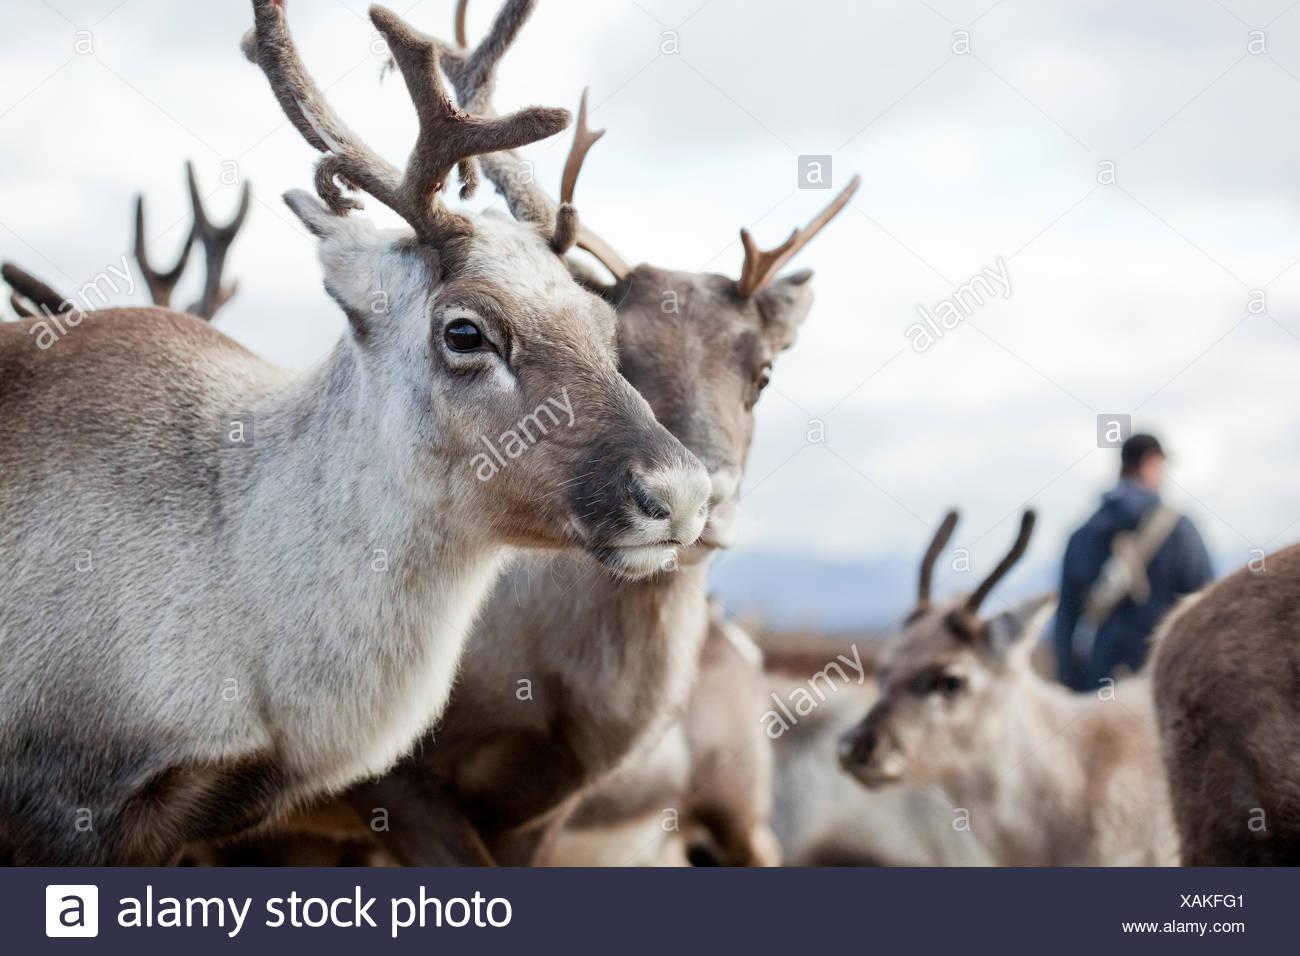 Sweden, Lapland, Levas, Portrait of reindeer (Rangifer tarandus) in herd Stock Photo